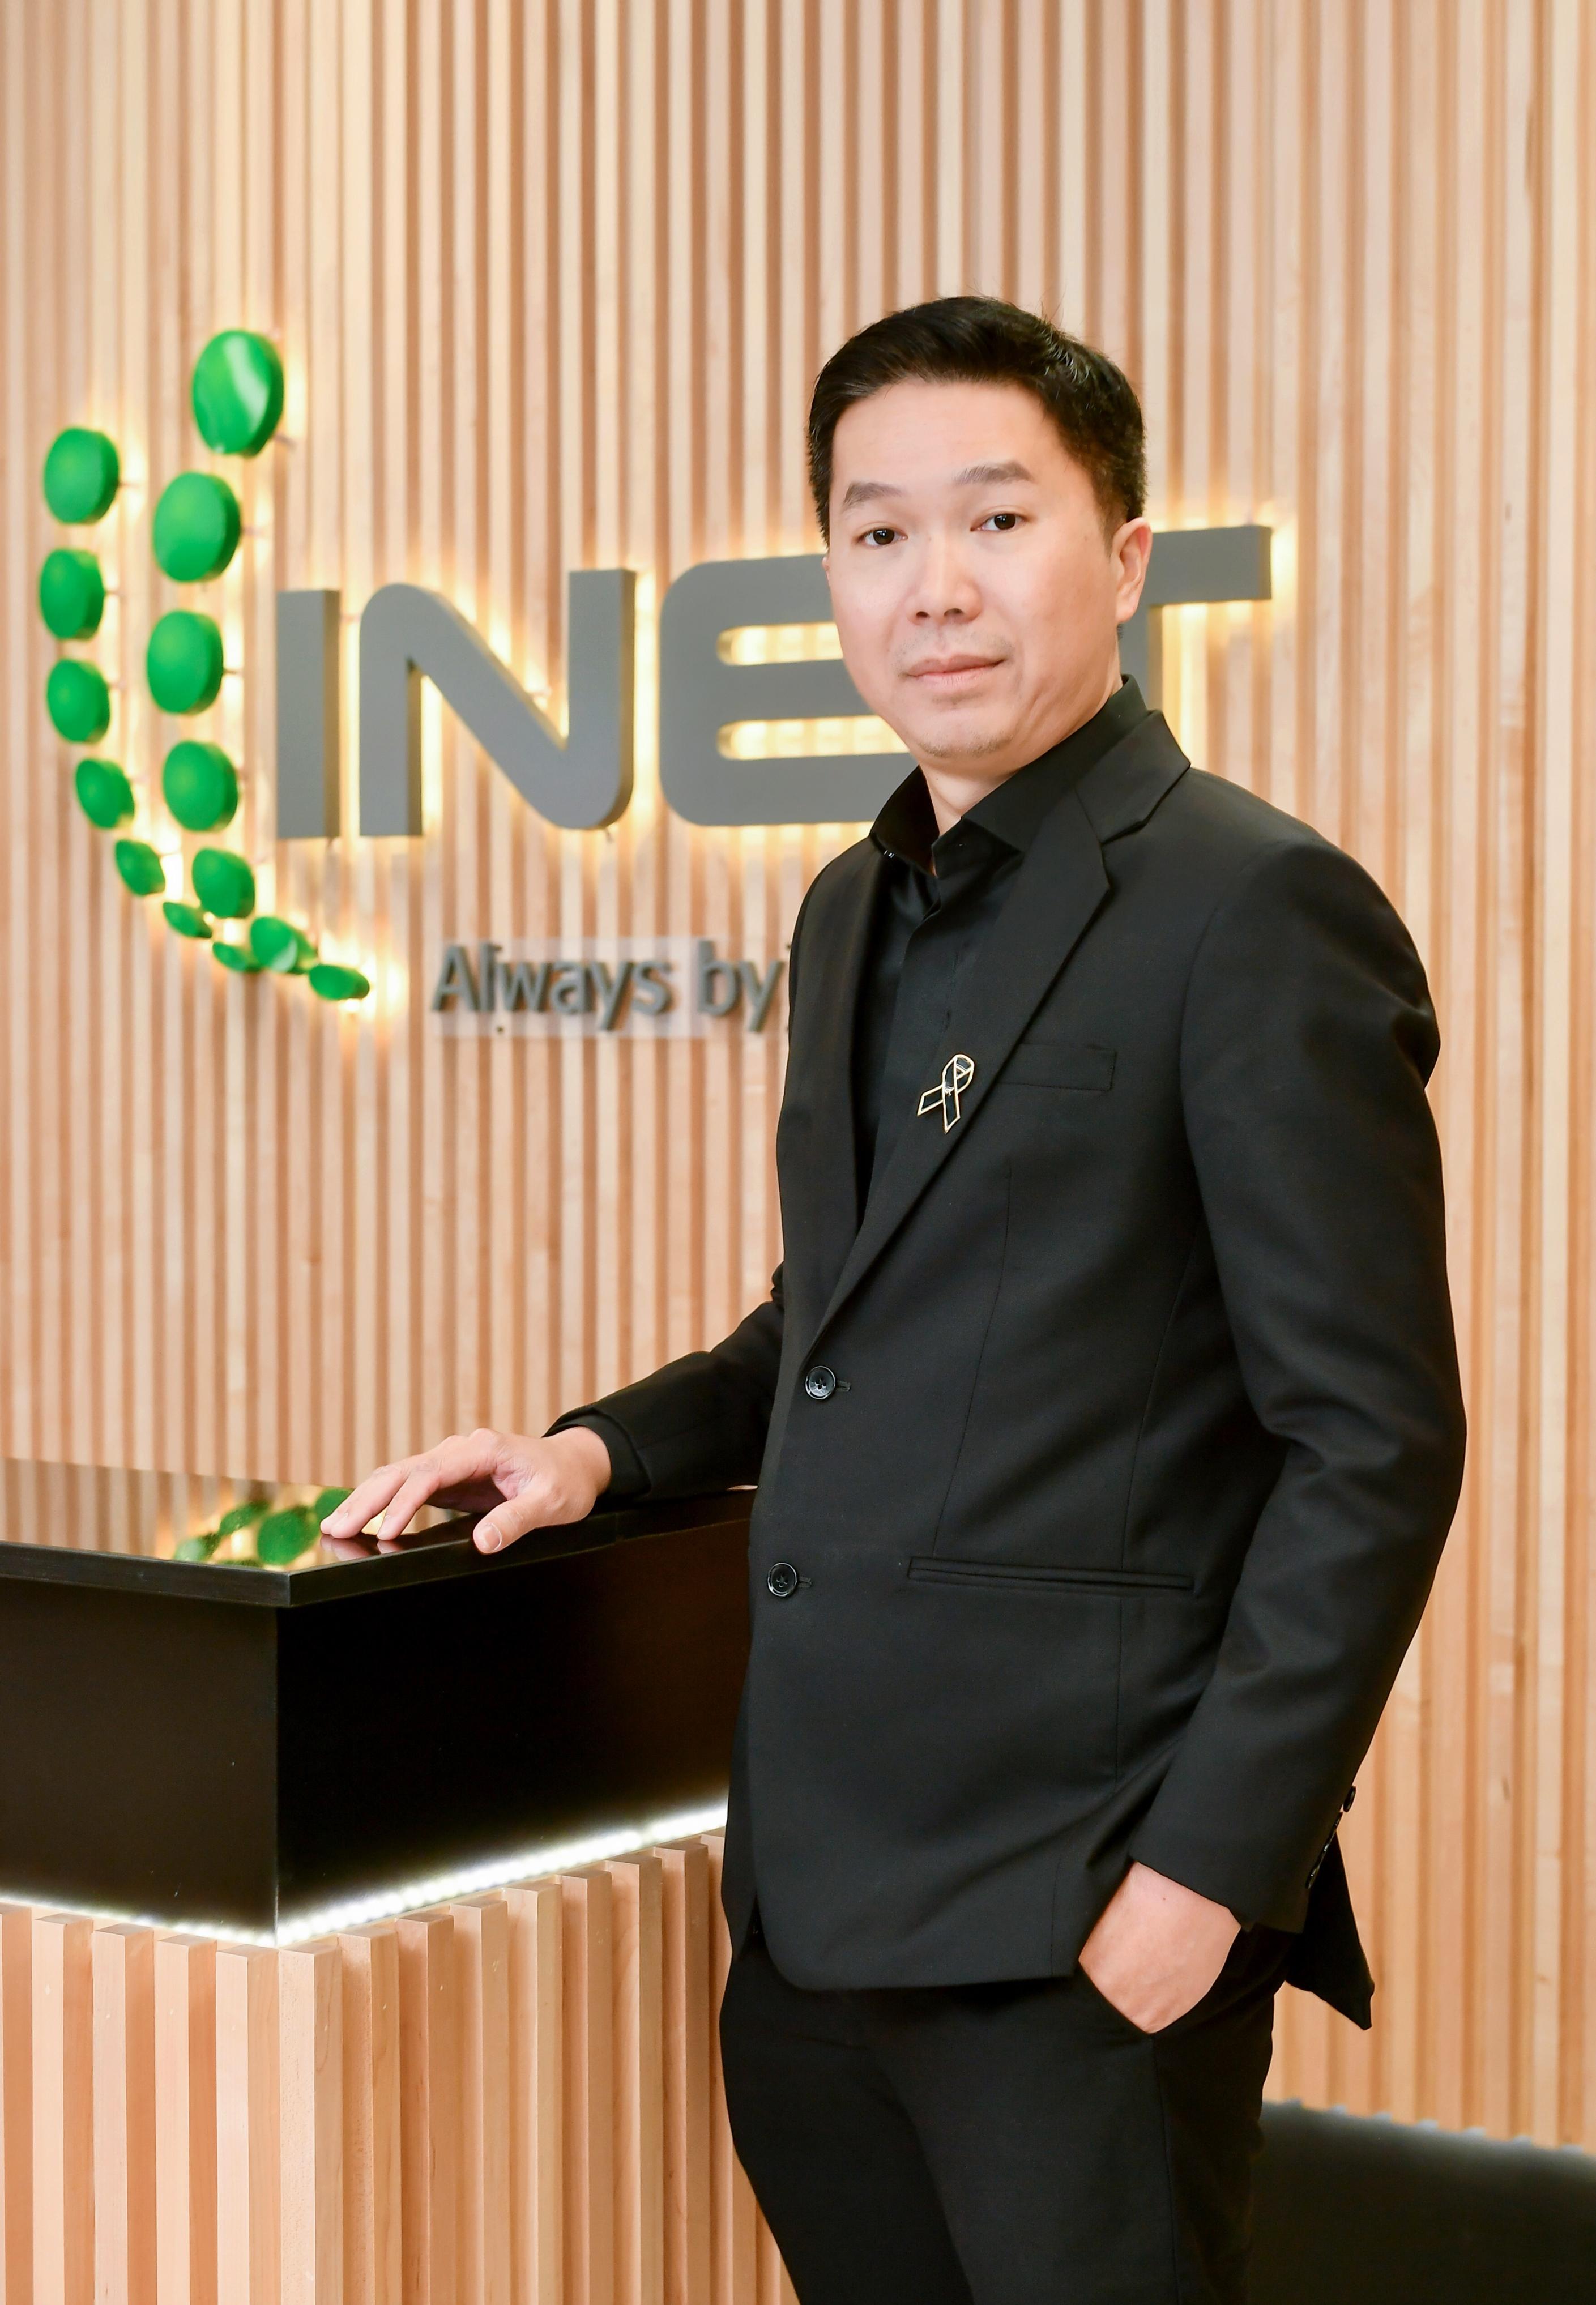 วัลล์ชัย เวชชีวะดำรงค์ รองกรรมการผู้จัดการ บริษัท อินเทอร์เน็ตประเทศไทย จำกัด (มหาชน)